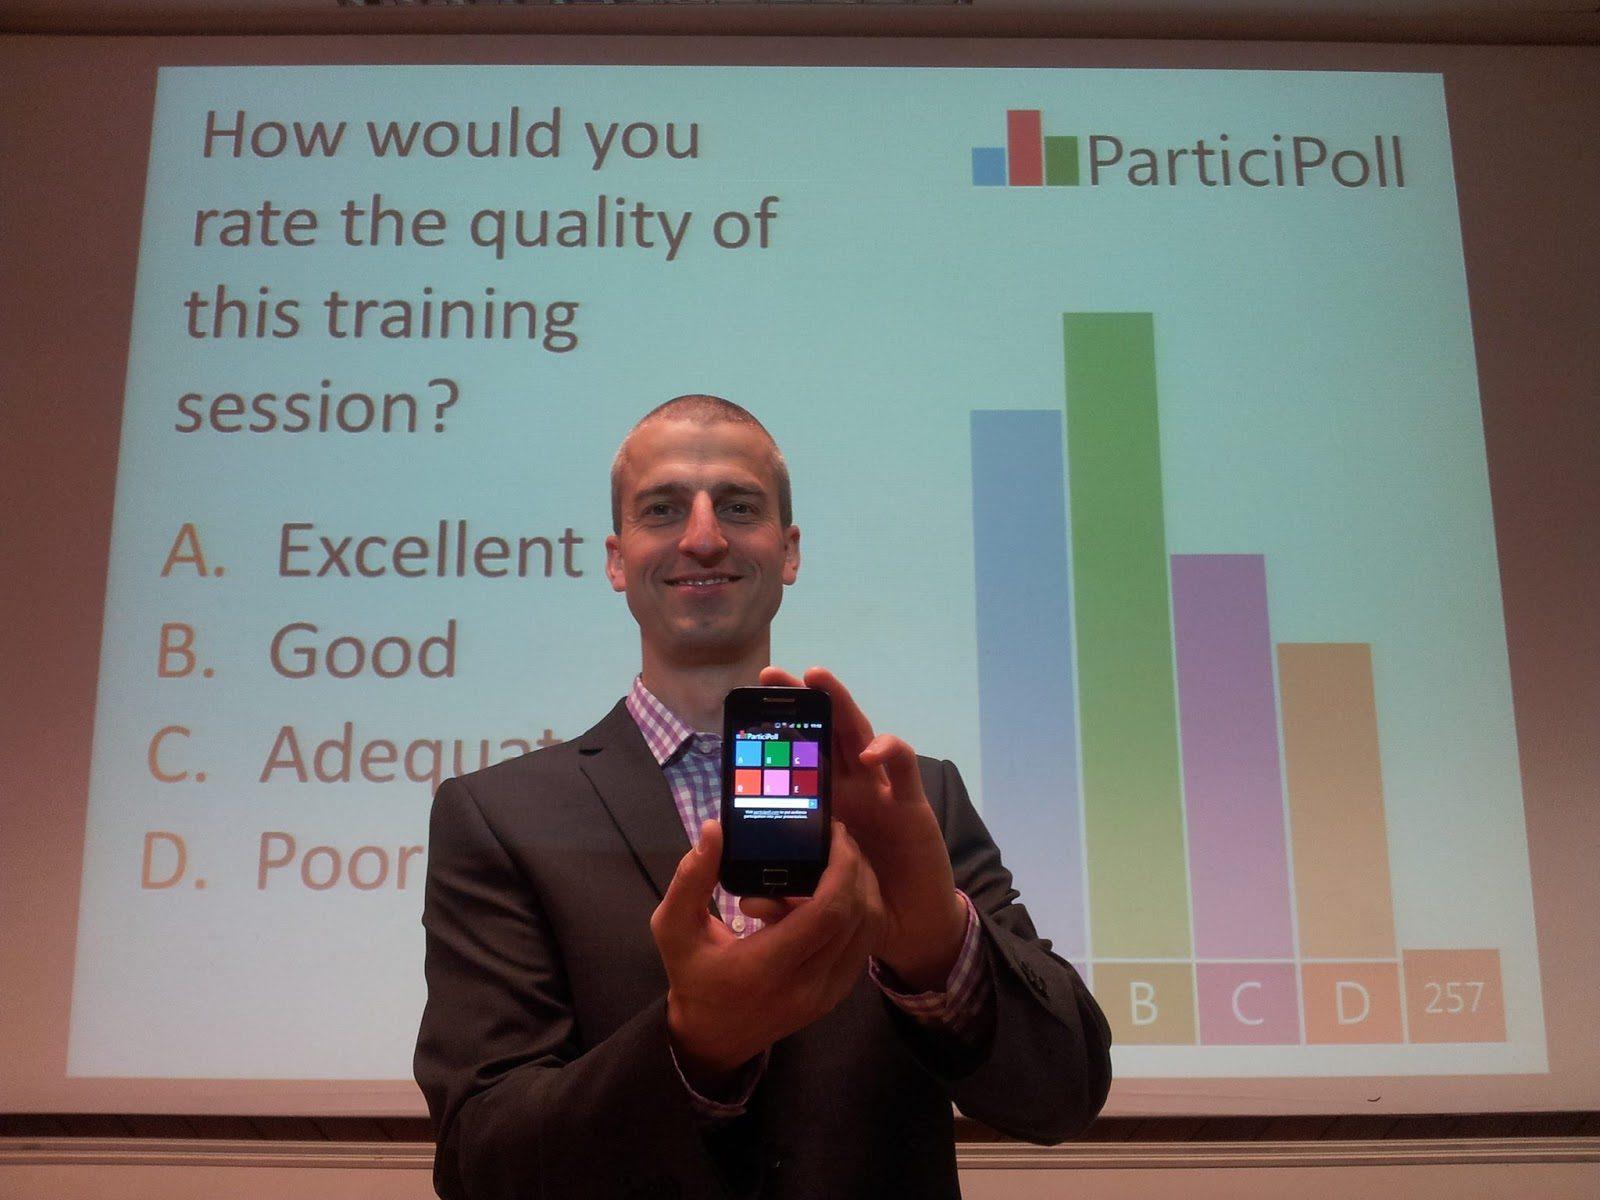 Participoll Presentation